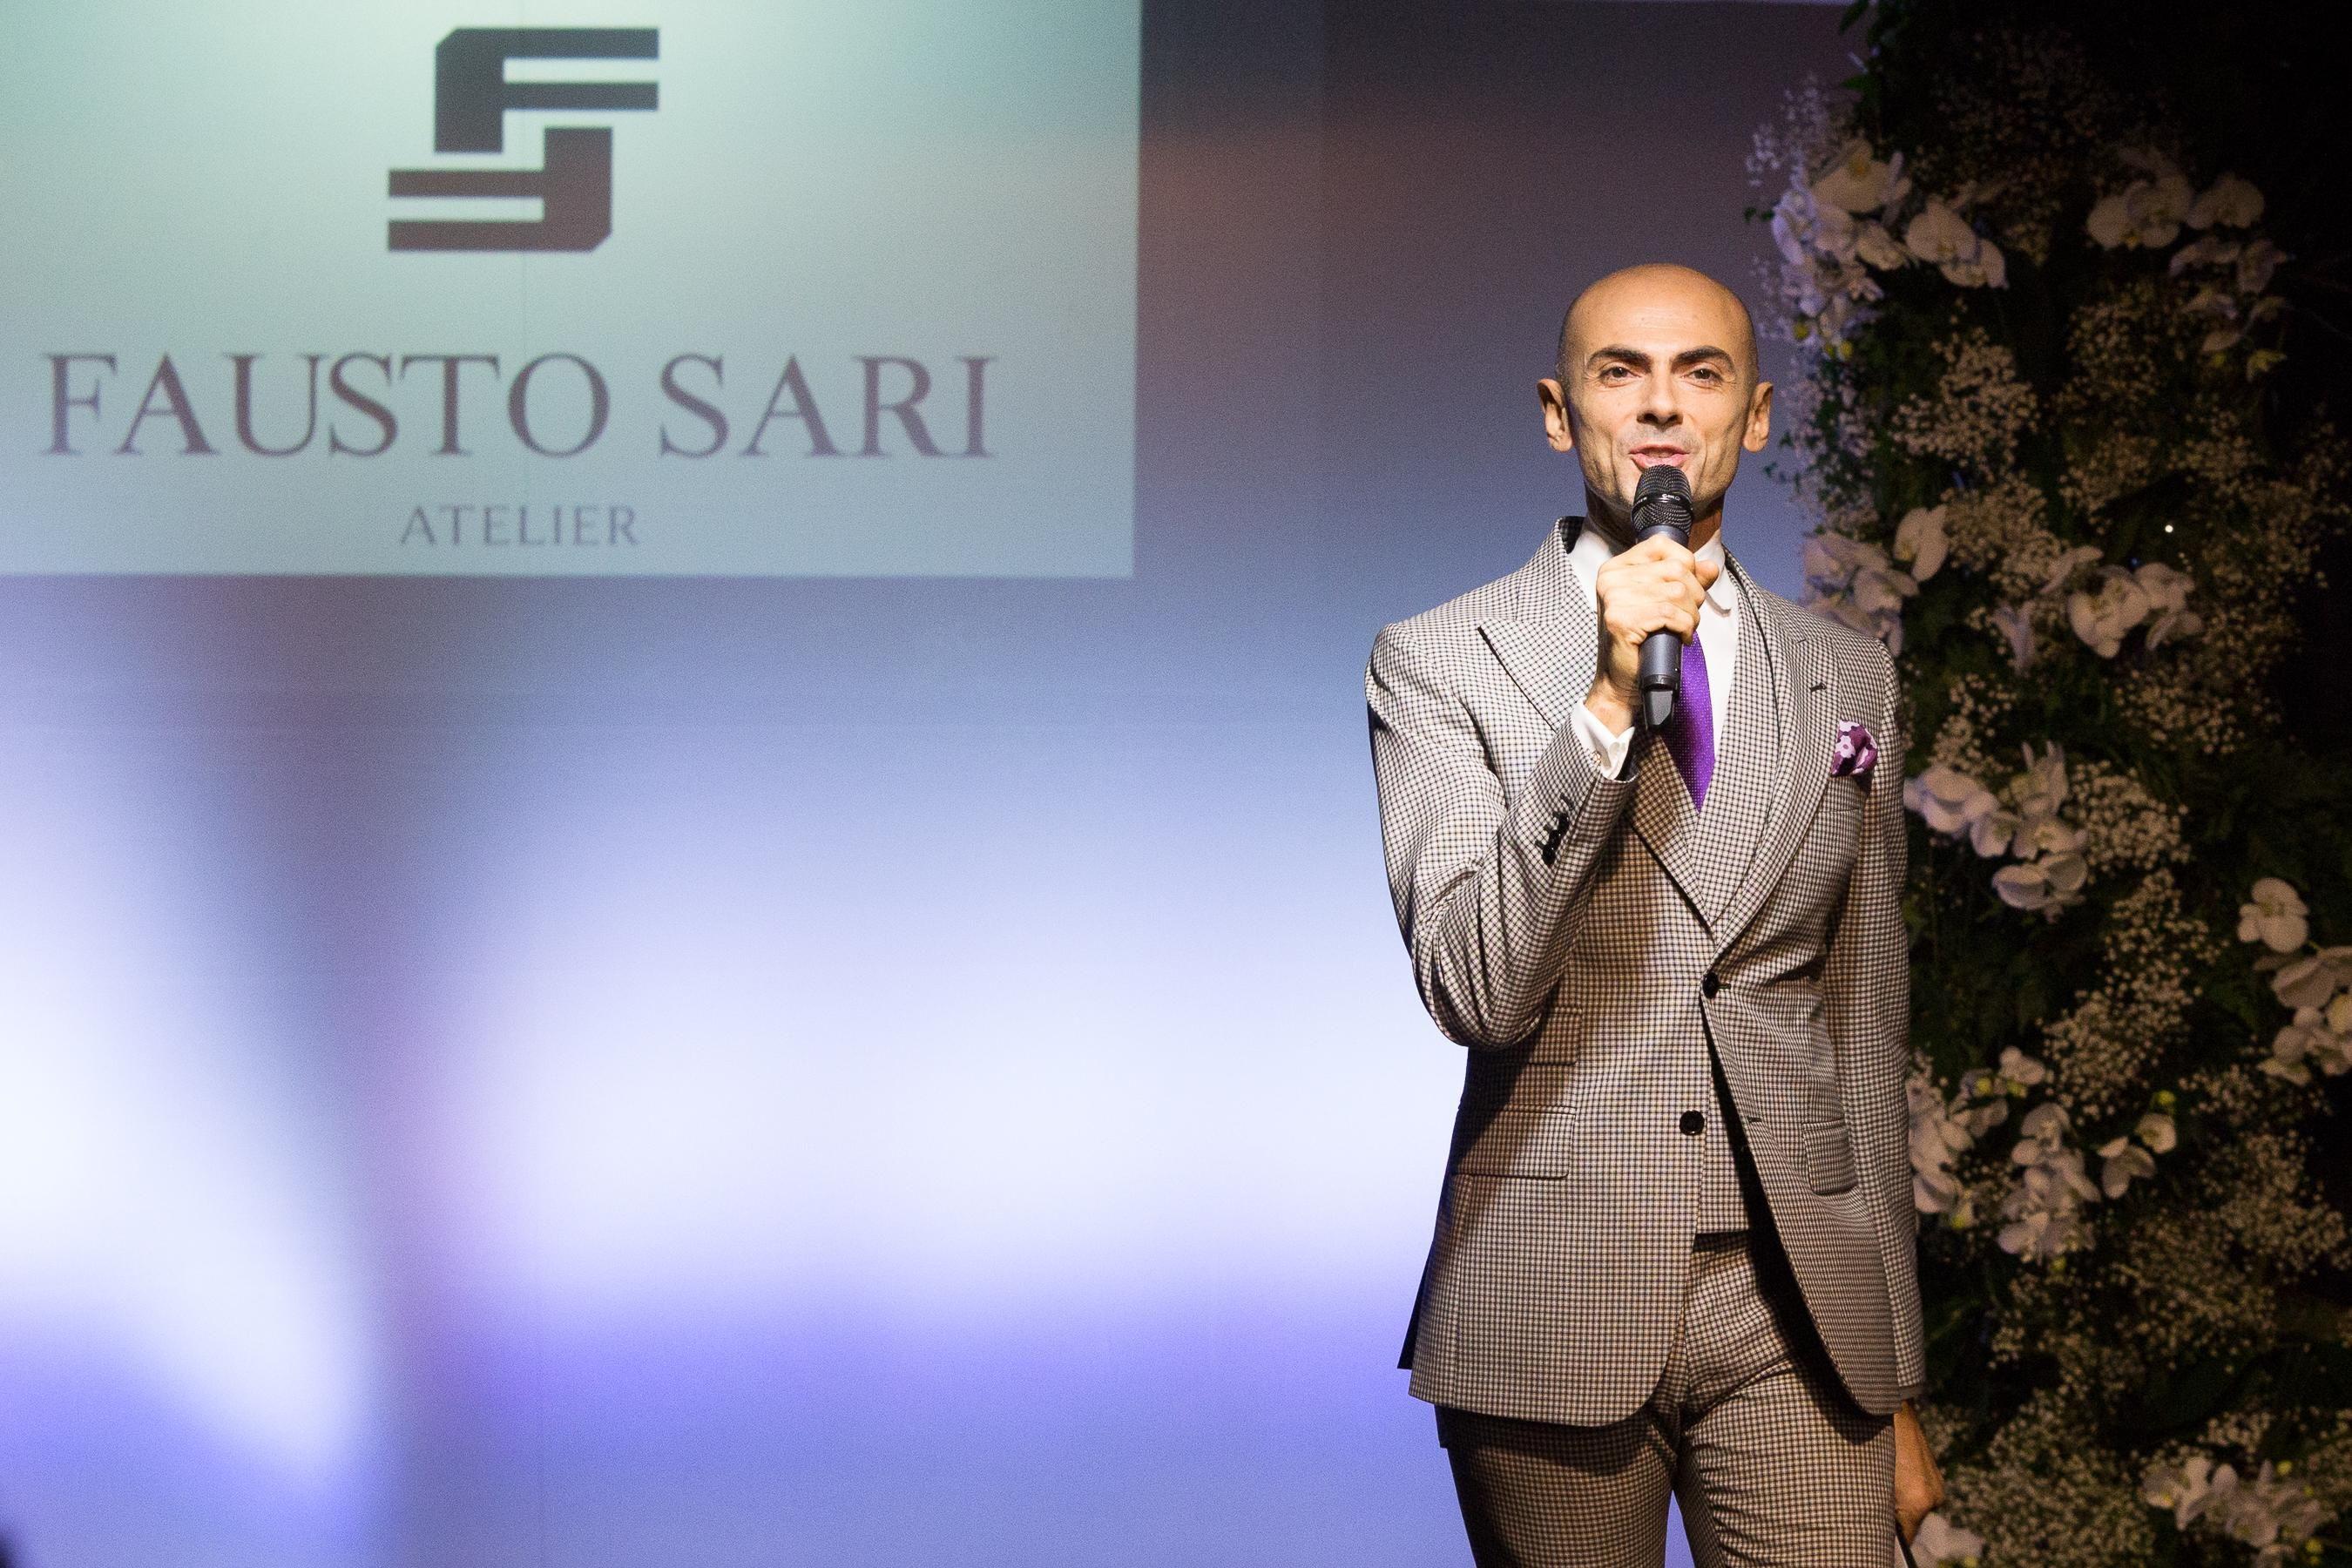 b0c767f1ecac Fausto Sari Atelier